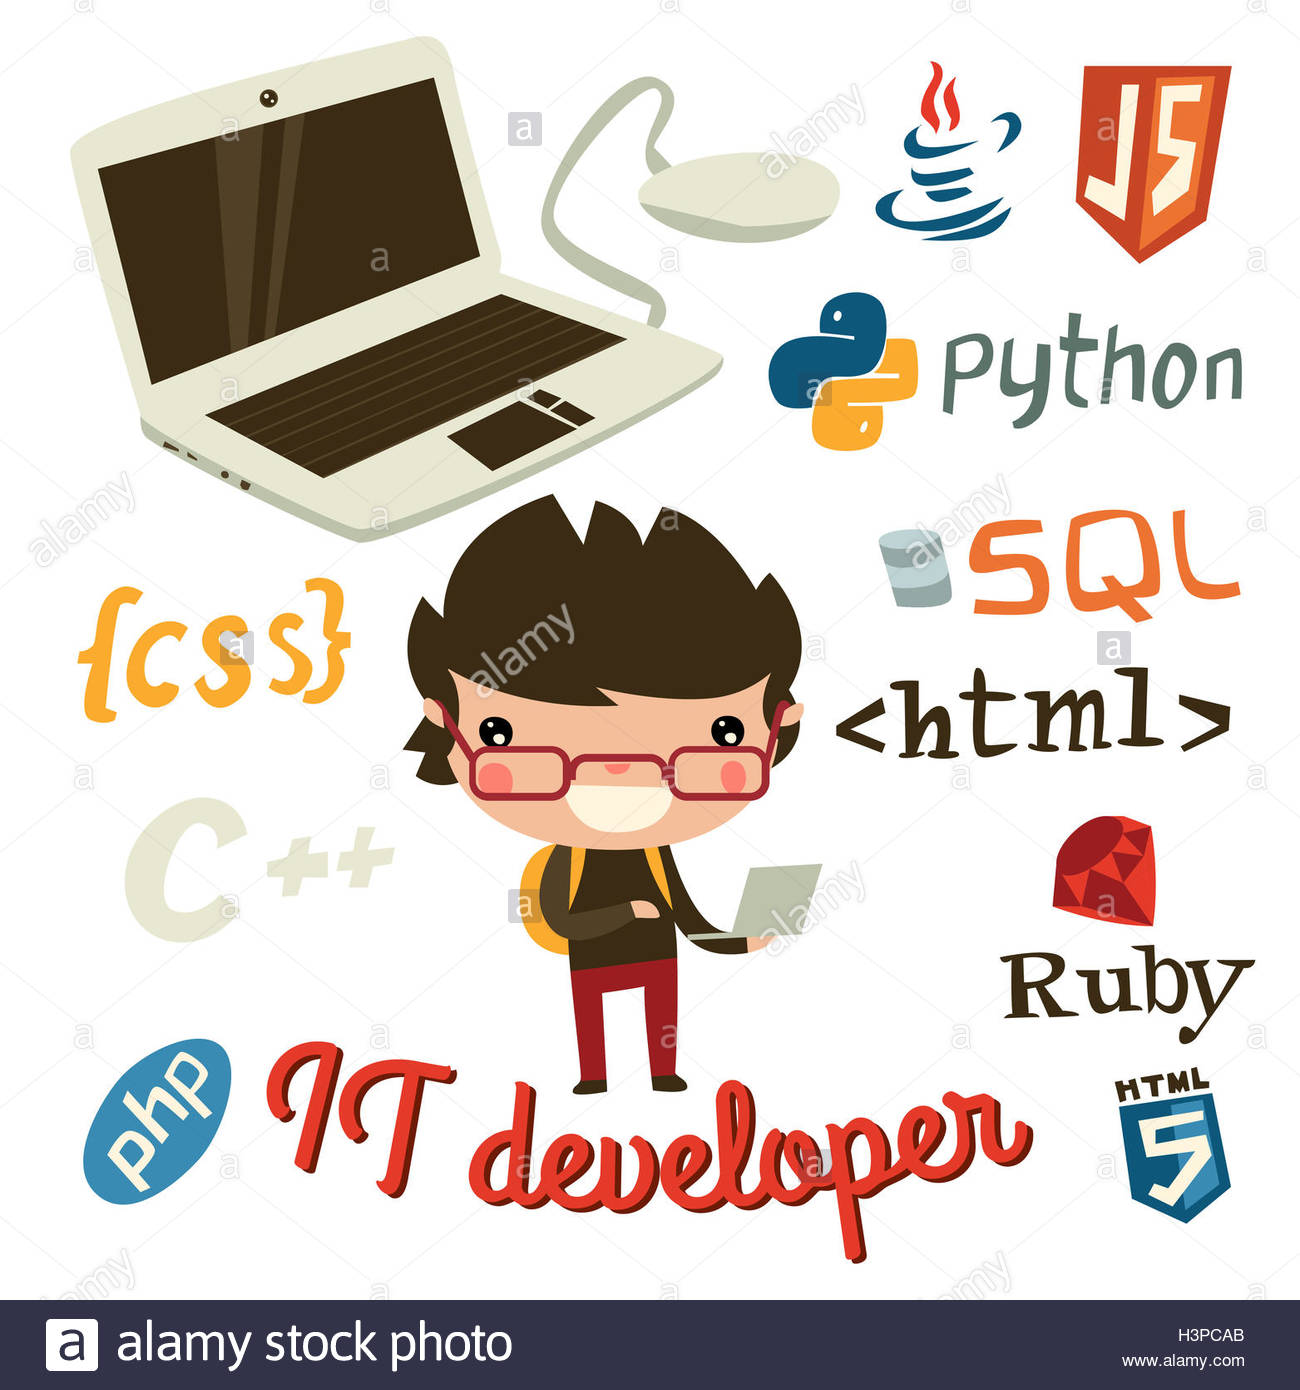 Programmer Cartoon Illustration Stock Photos Programmer Cartoon